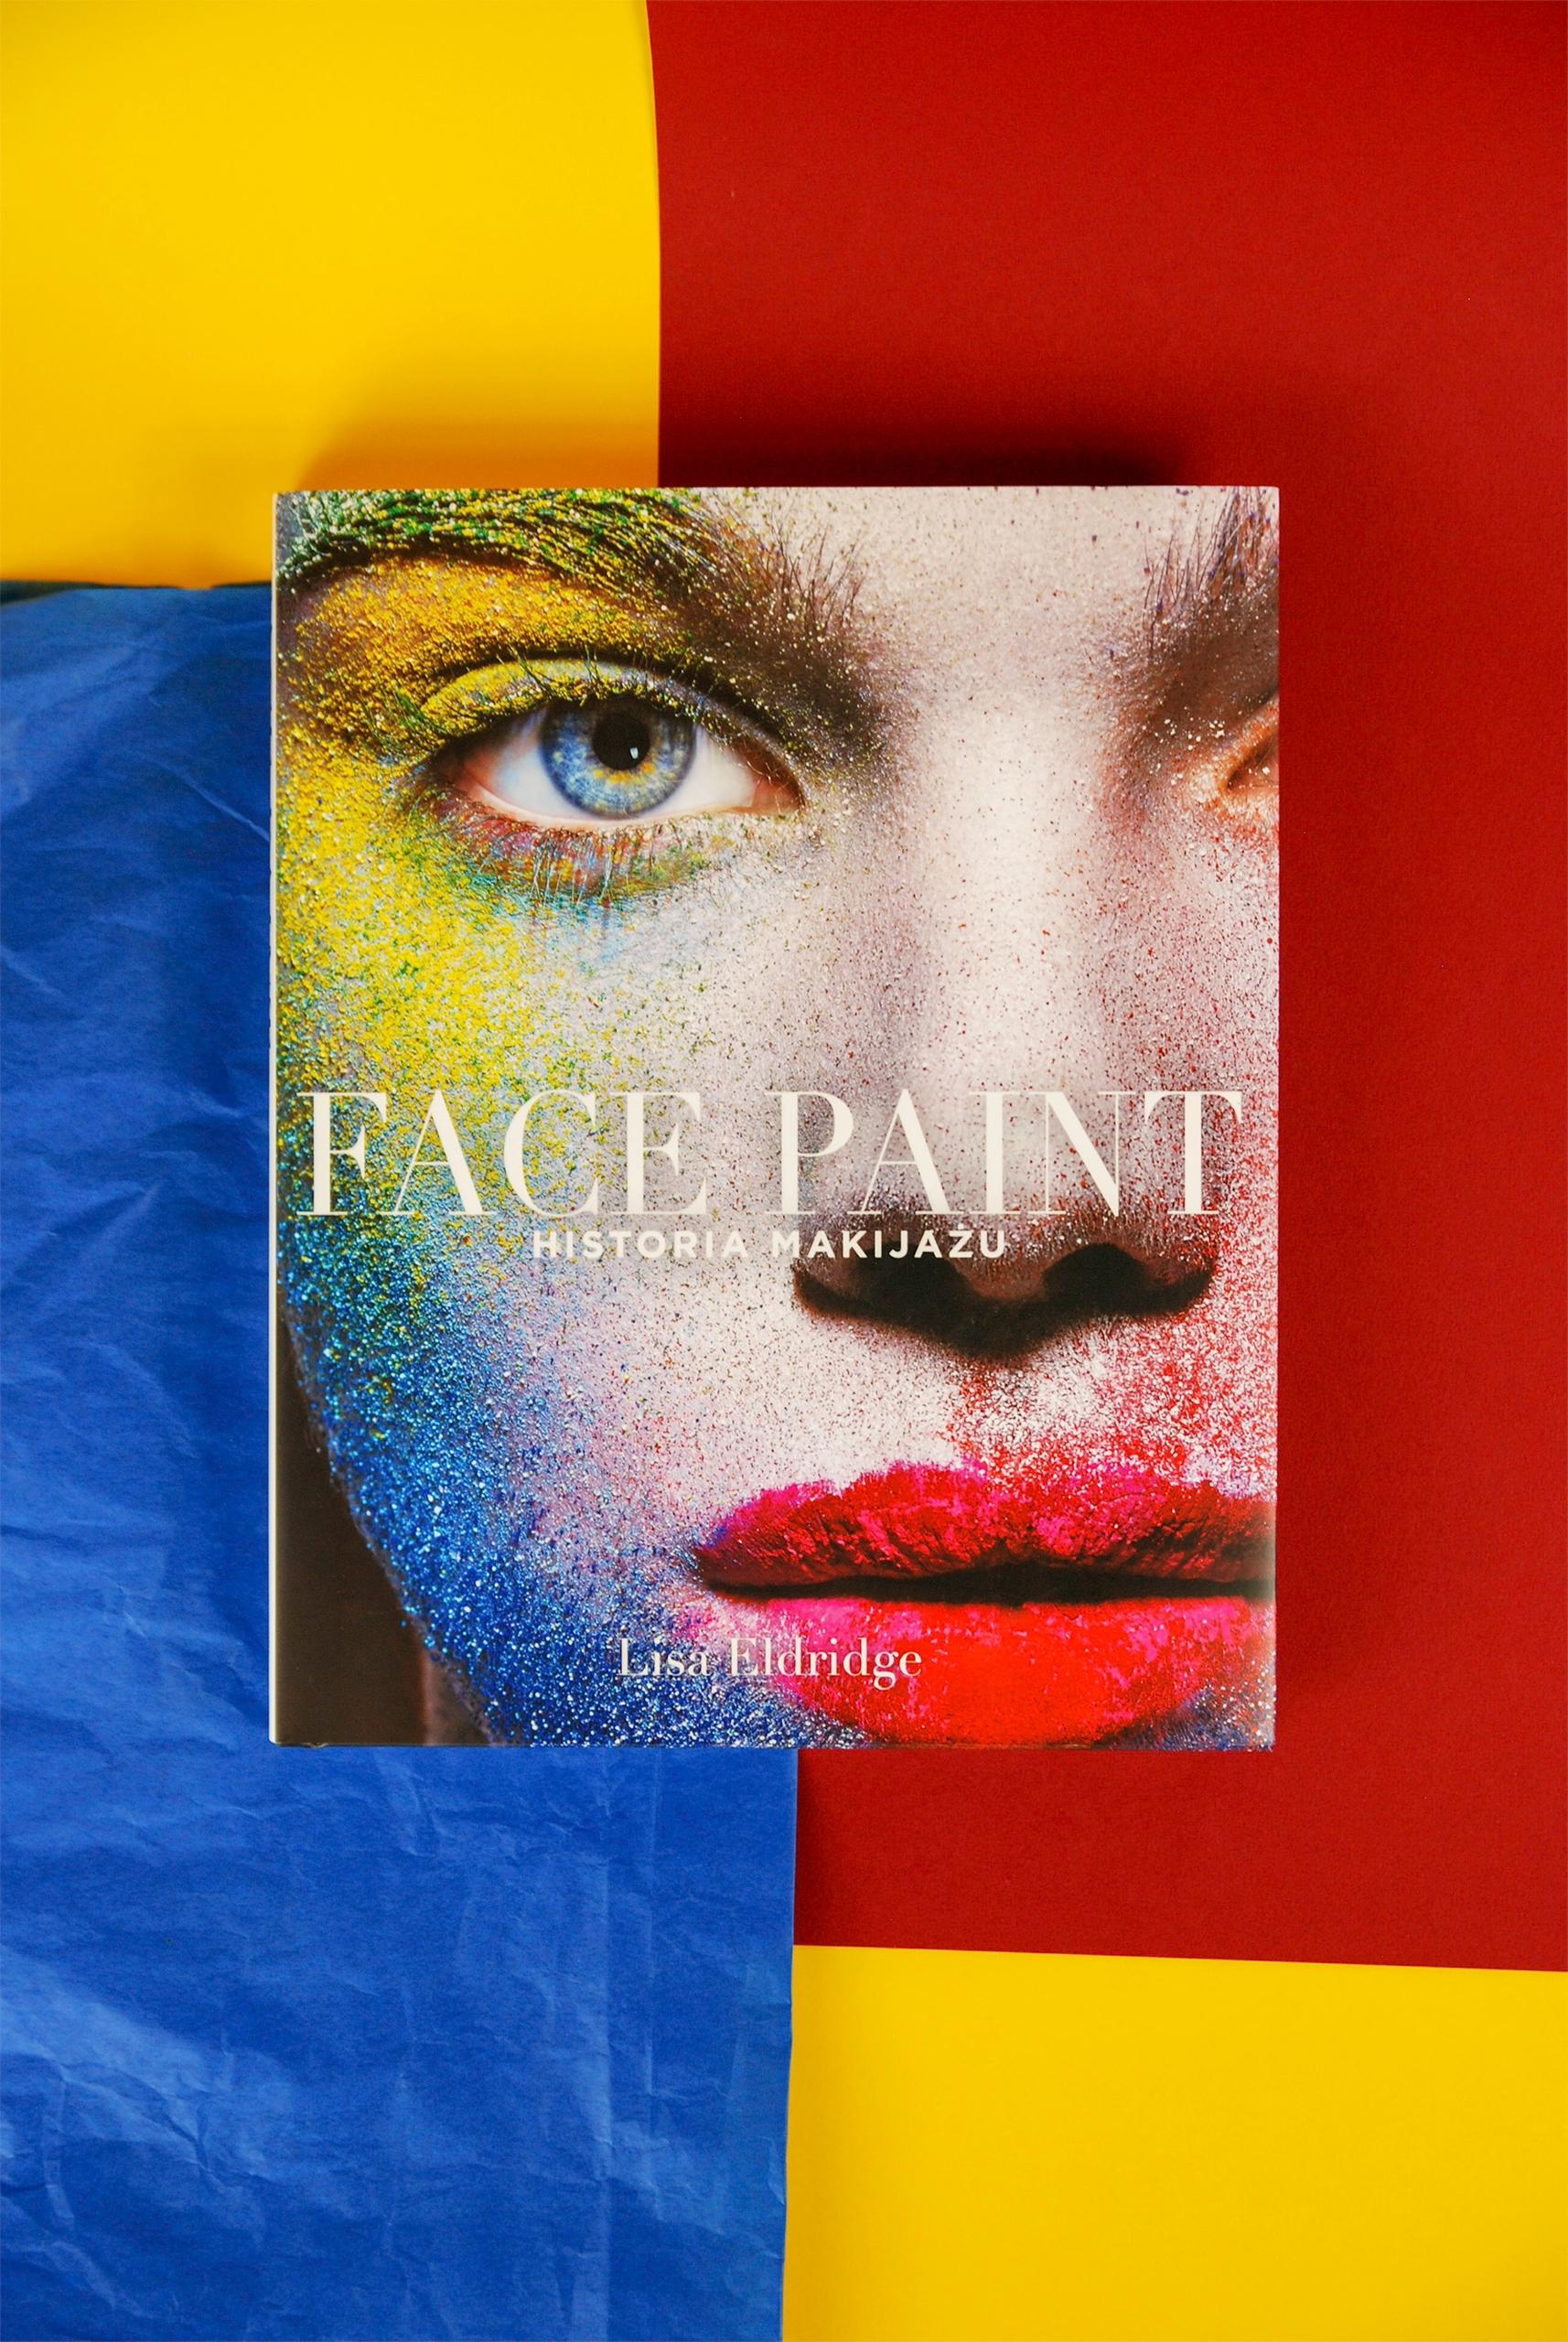 Zdjęcie przedstawia okładkę książki sfotografowaną od góry. Dookoła kolorowe papiery w kolorze czerwonym, niebieskim i żółtym.